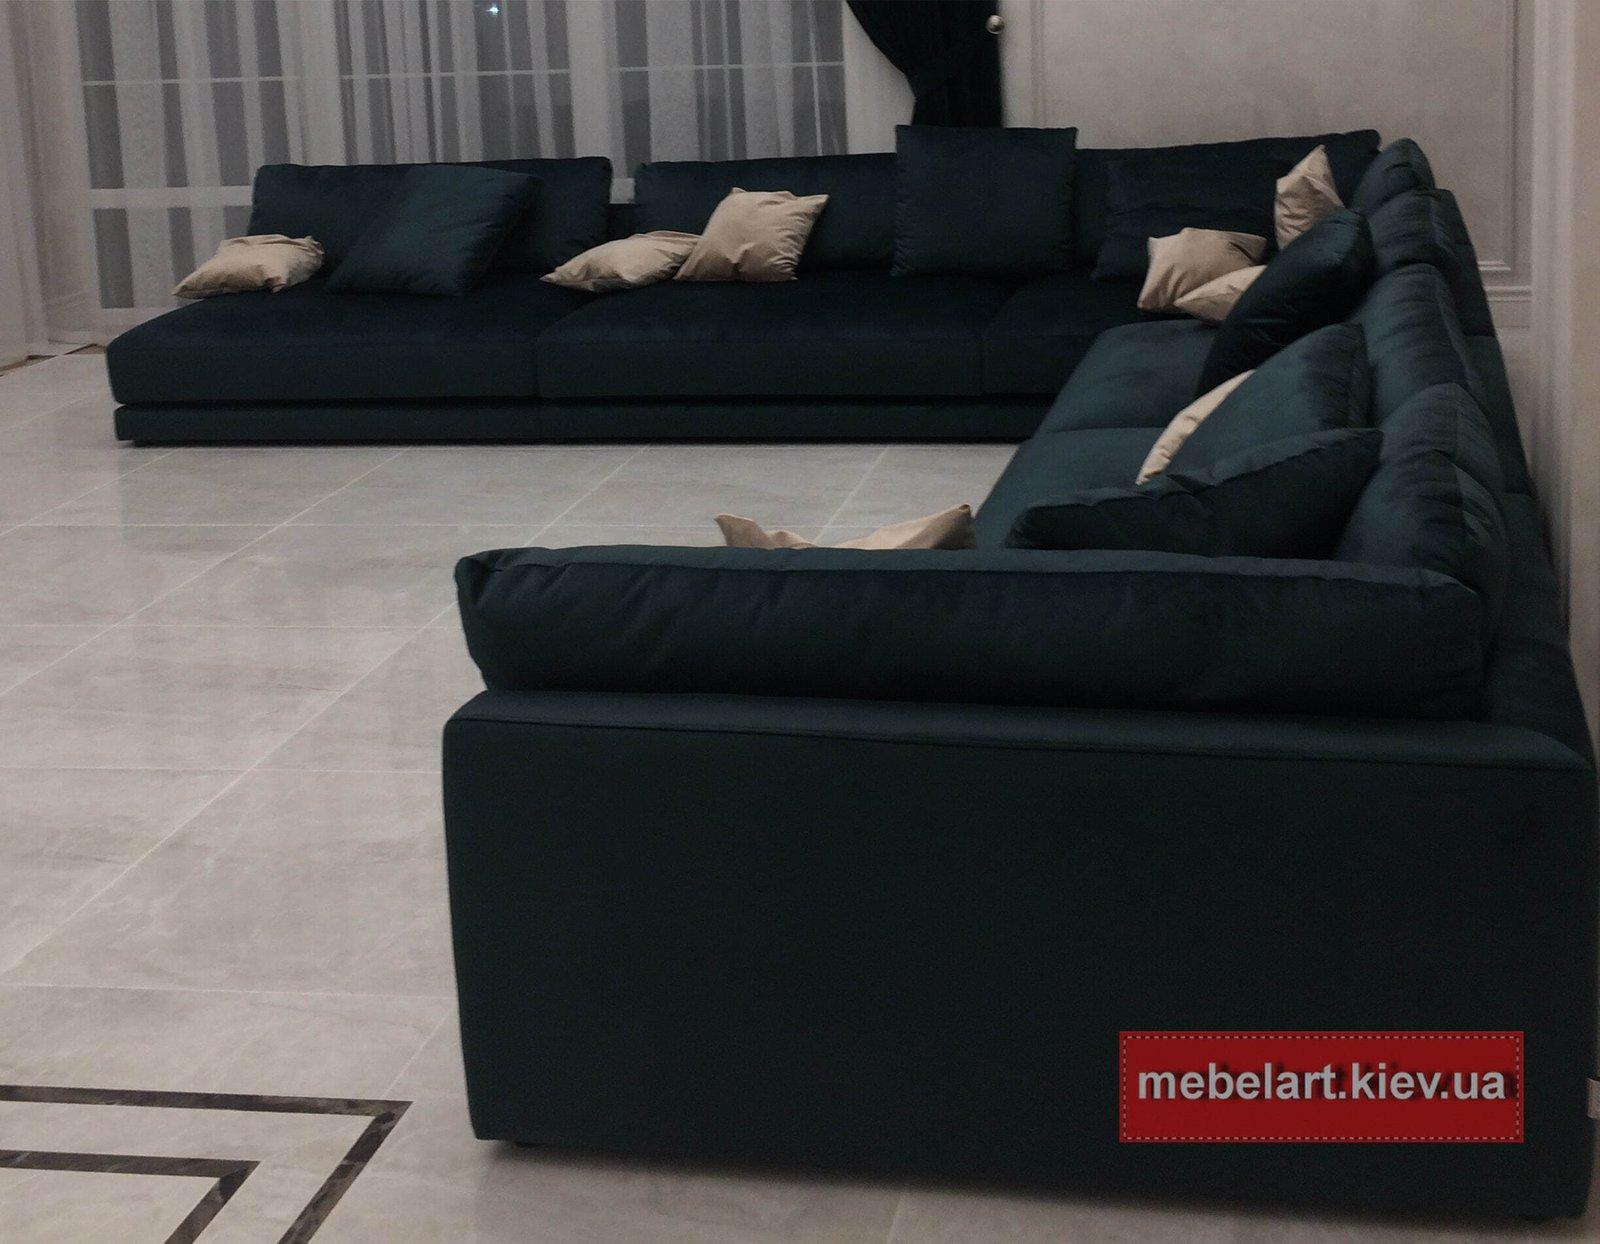 роскошные диваны на заказ п образной формы в Одессе